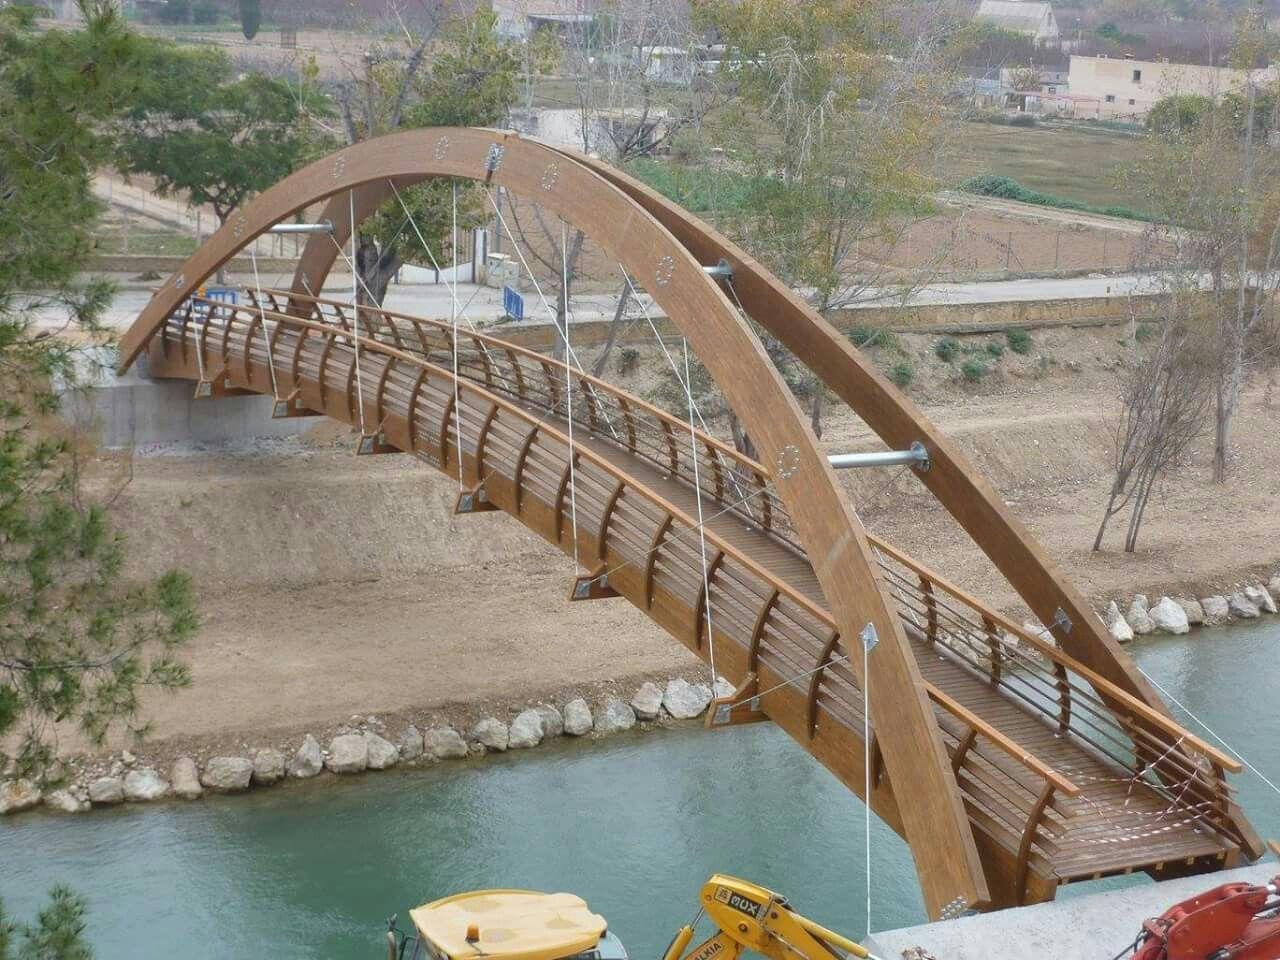 Puente Madera. Pasarela Madera. Wood Bridge. Timber Bridge